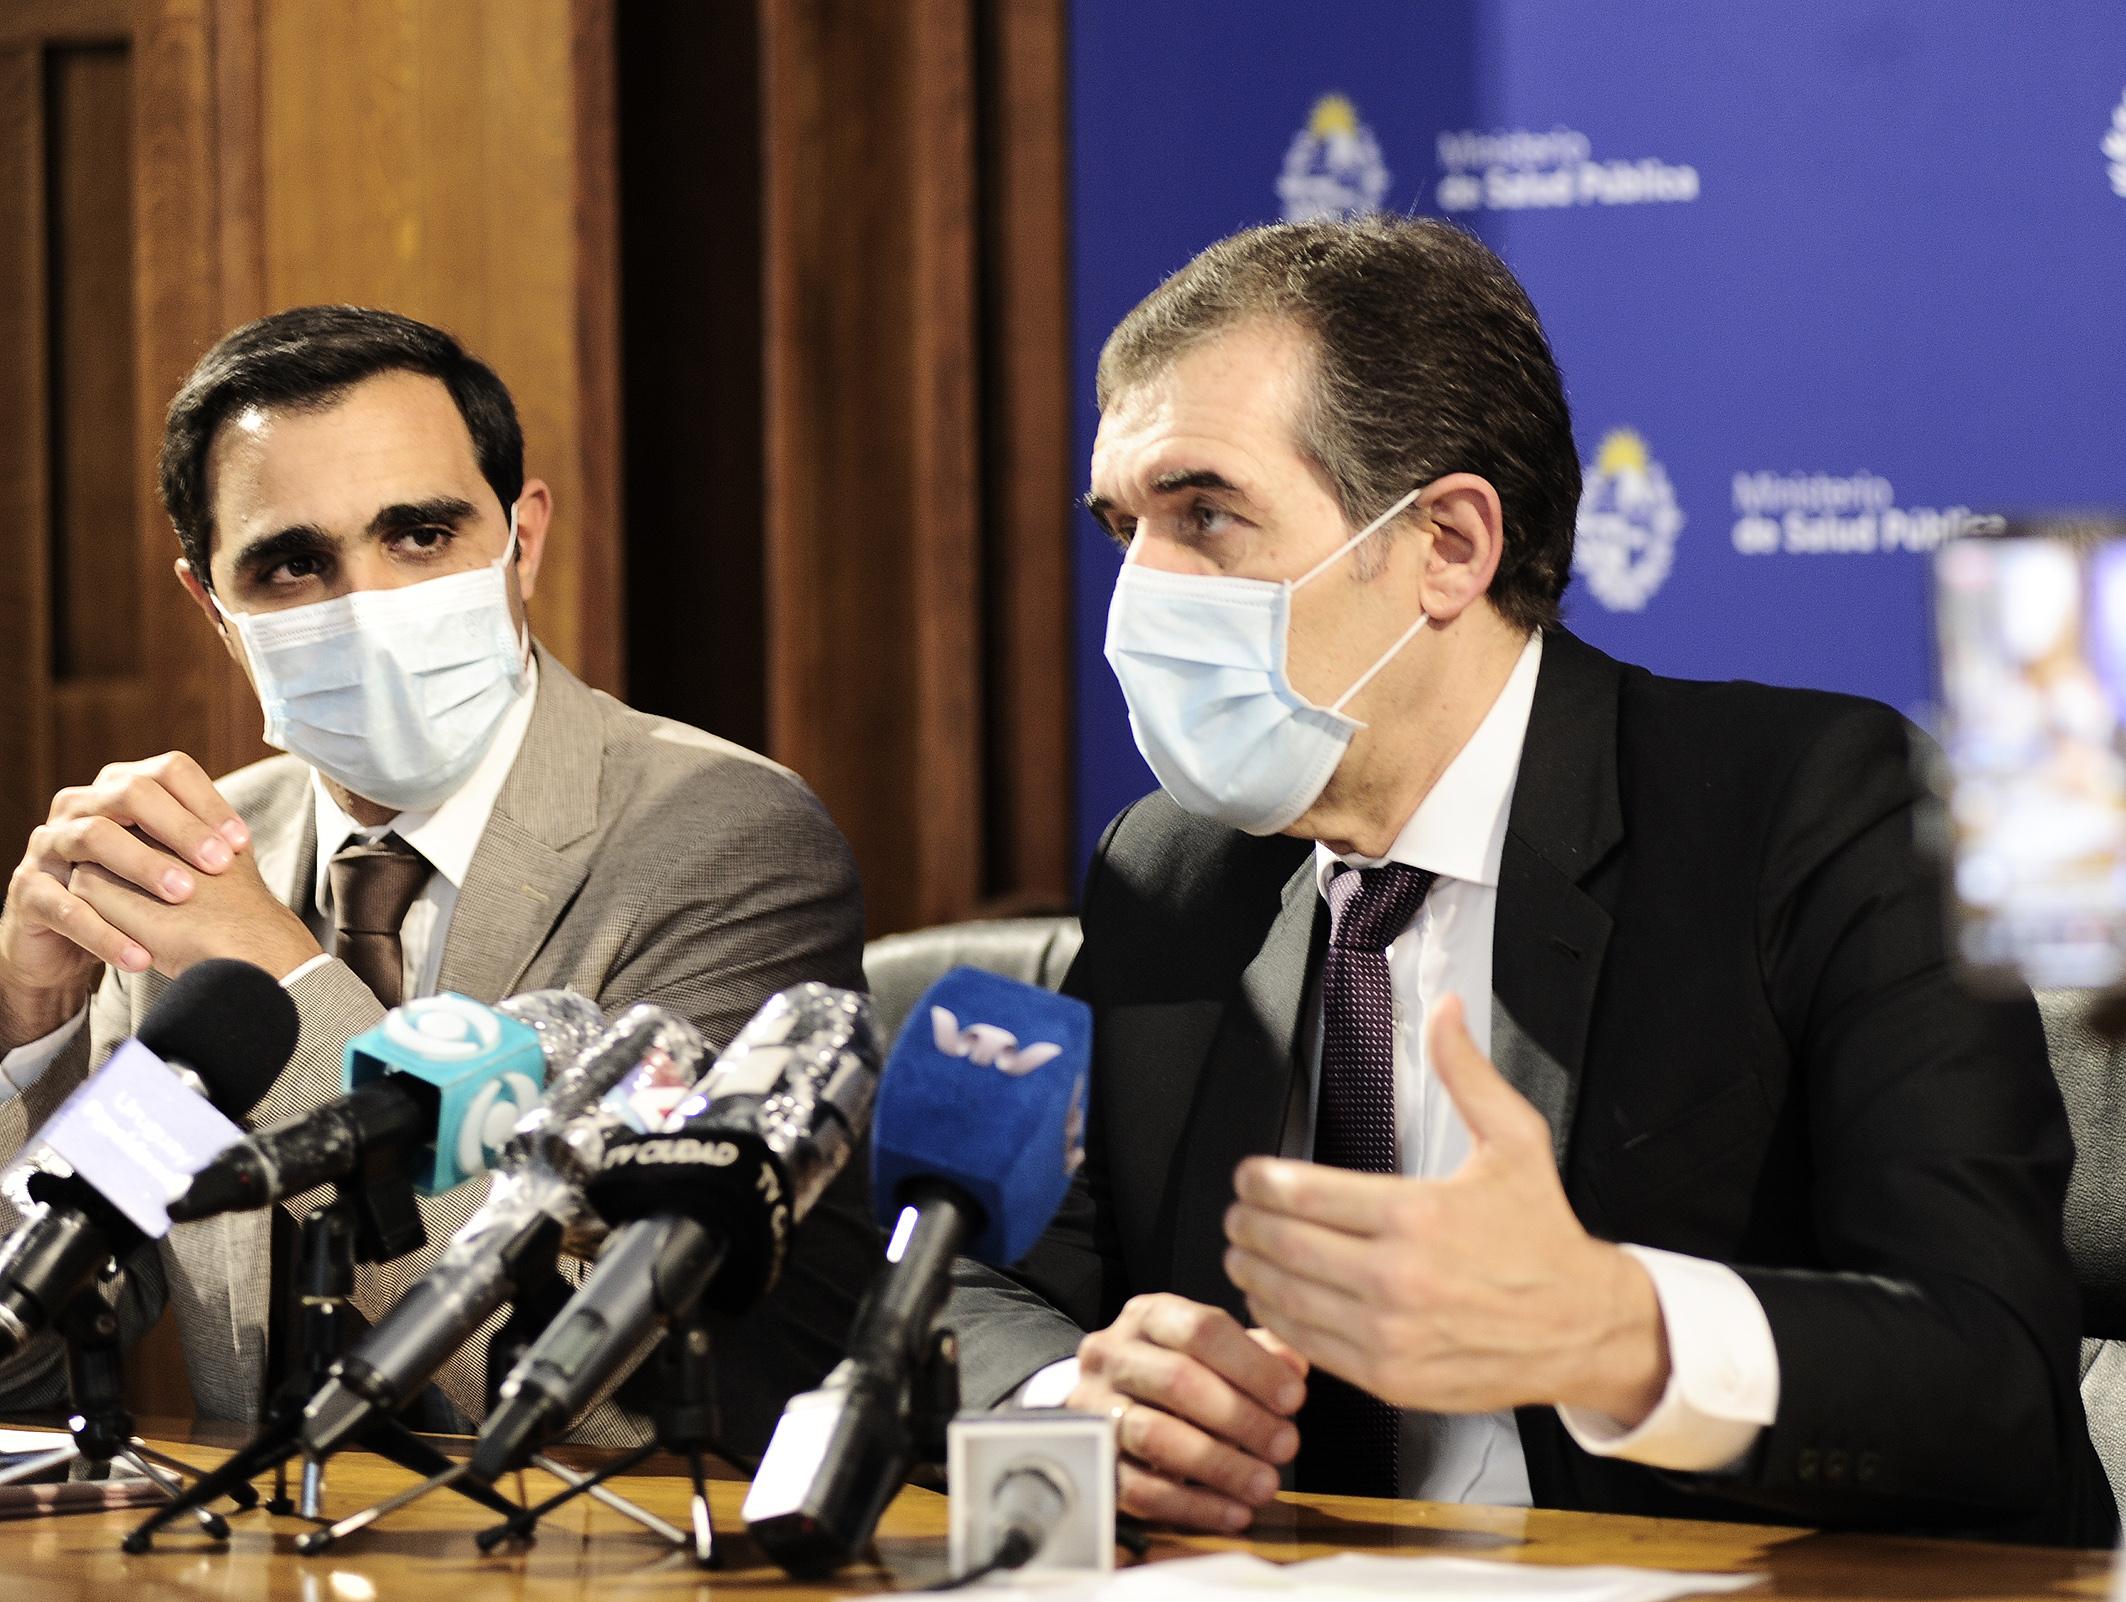 Subsecretario de Salud Publica, José Luis Satdjian, y Miguel Asqueta, director general de Salud